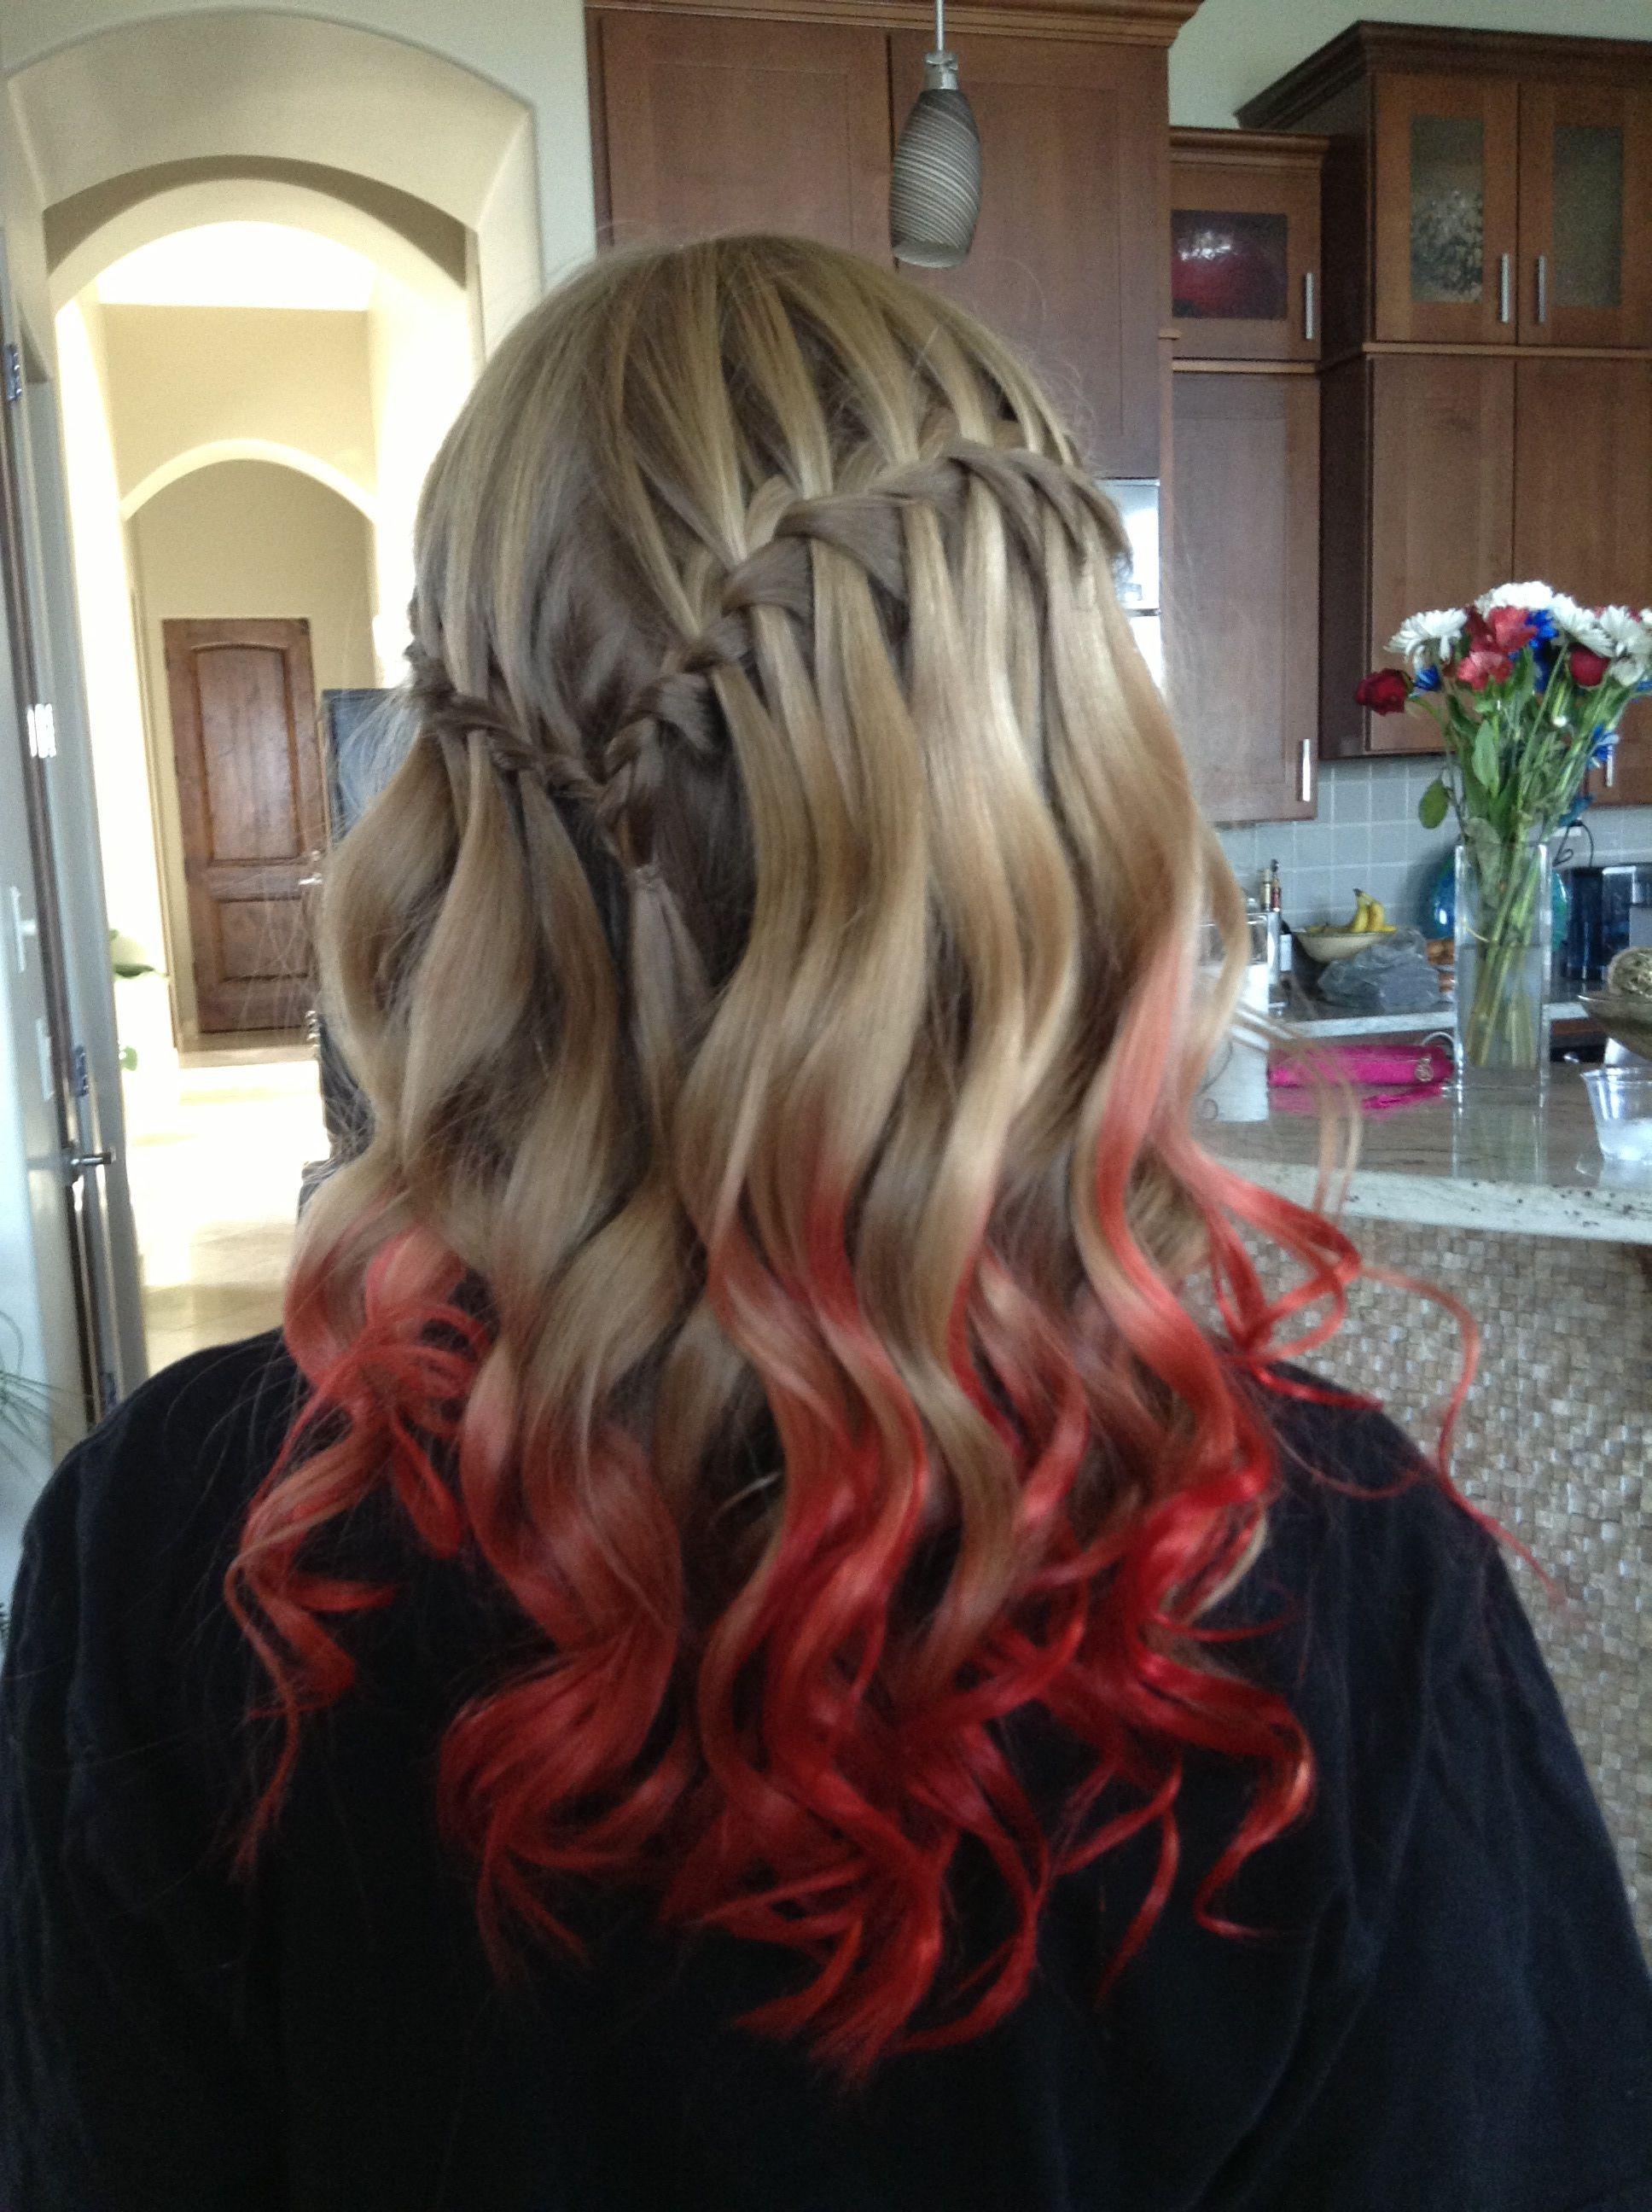 #red ombr #hair #kool aid dip